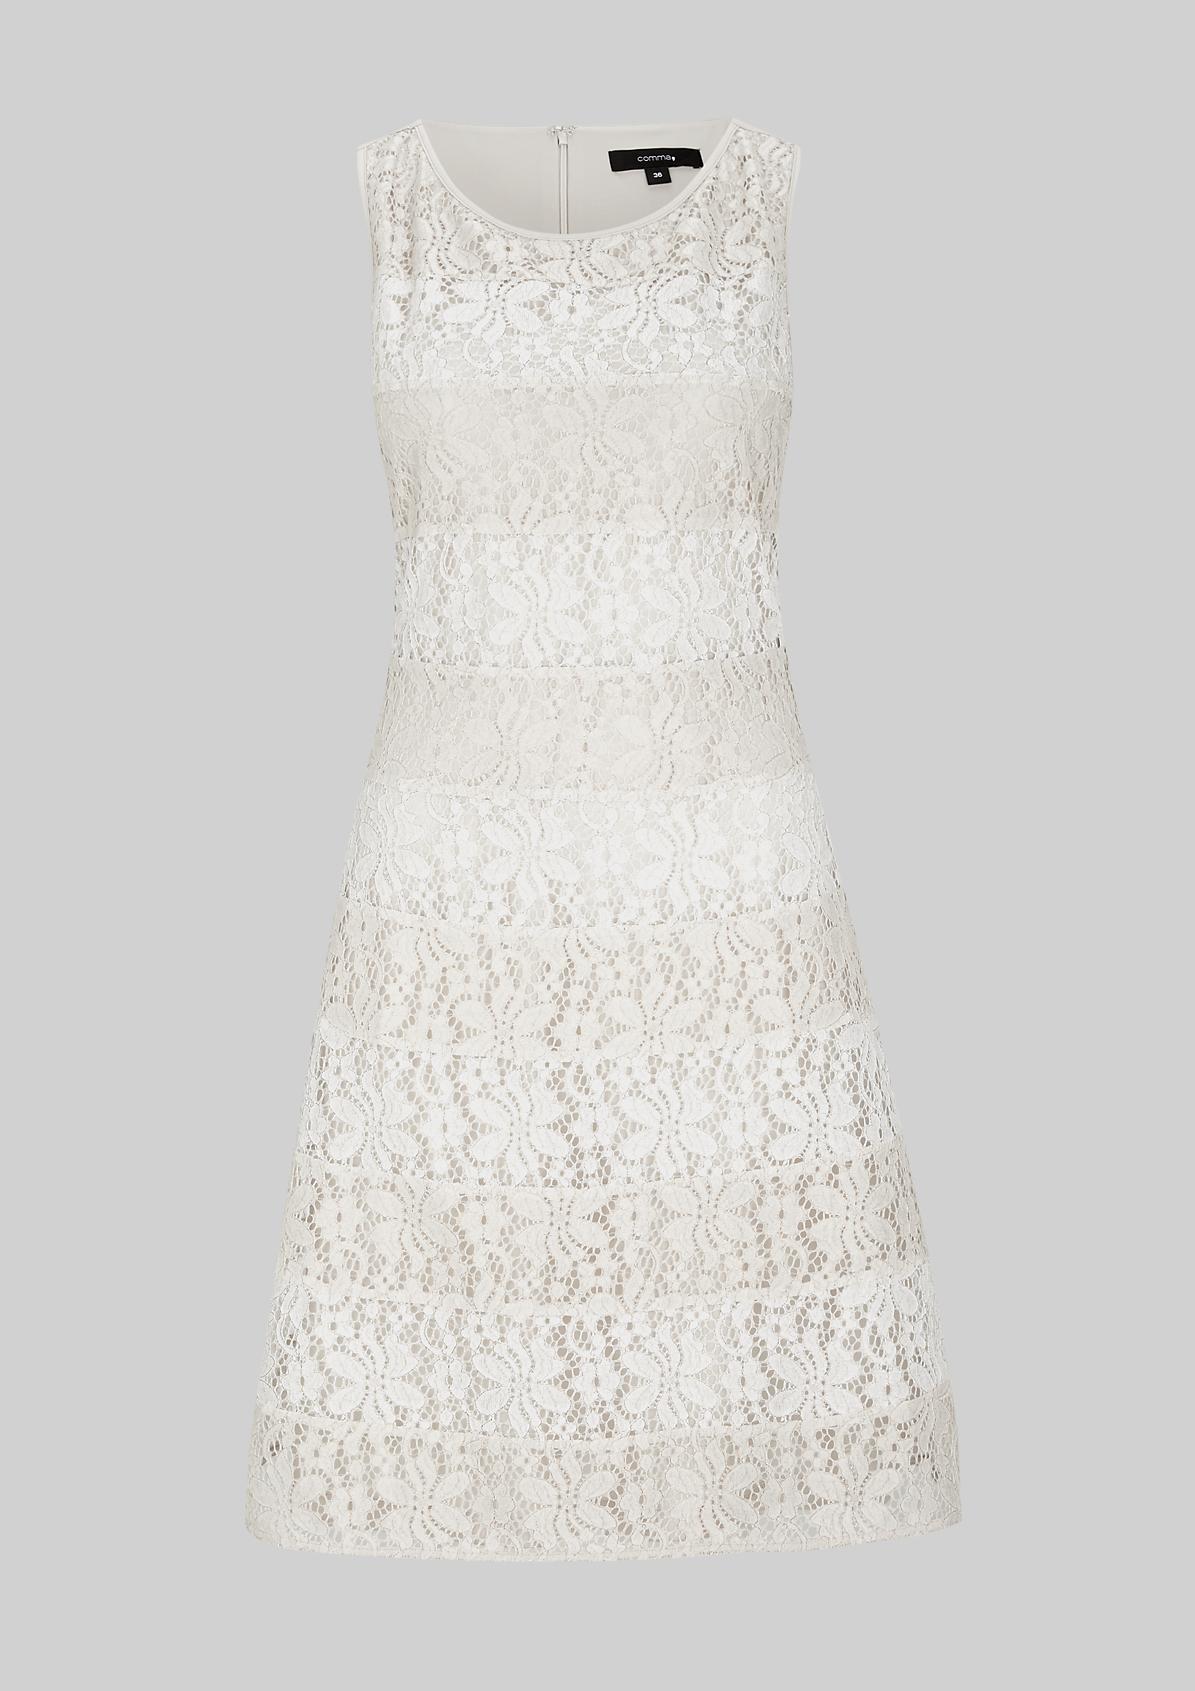 Bezauberndes Abendkleid in schöner Streifenoptik